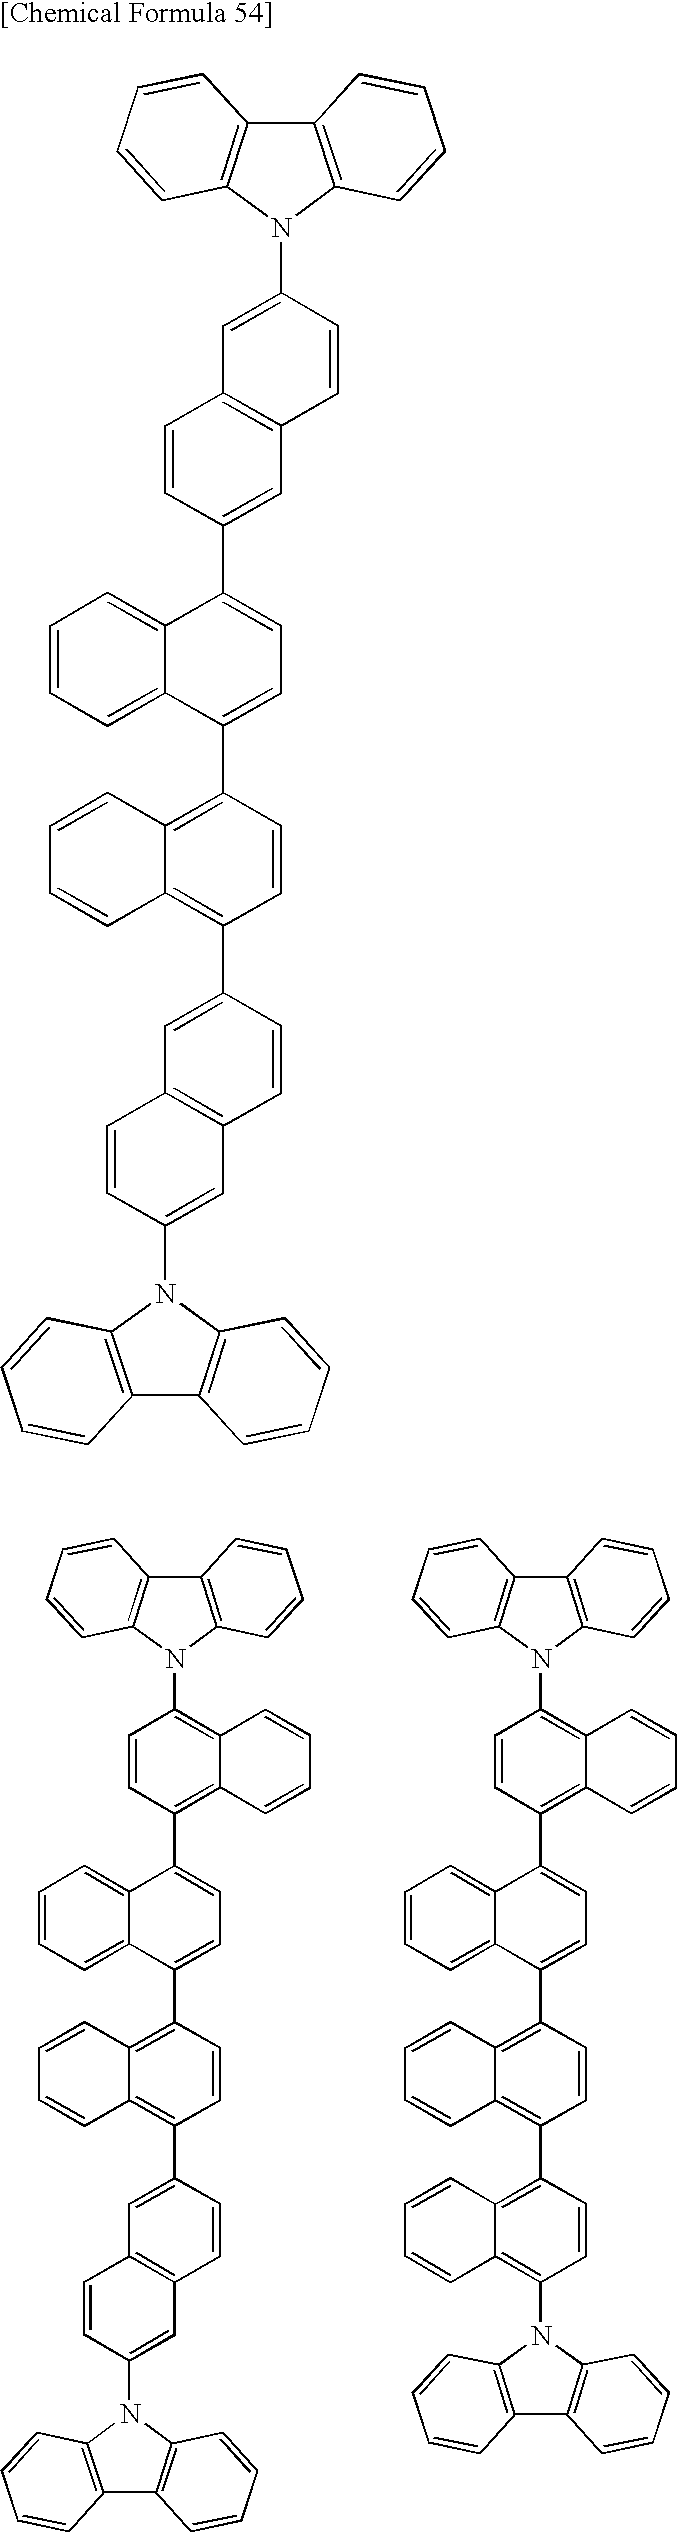 Figure US20100171109A1-20100708-C00092